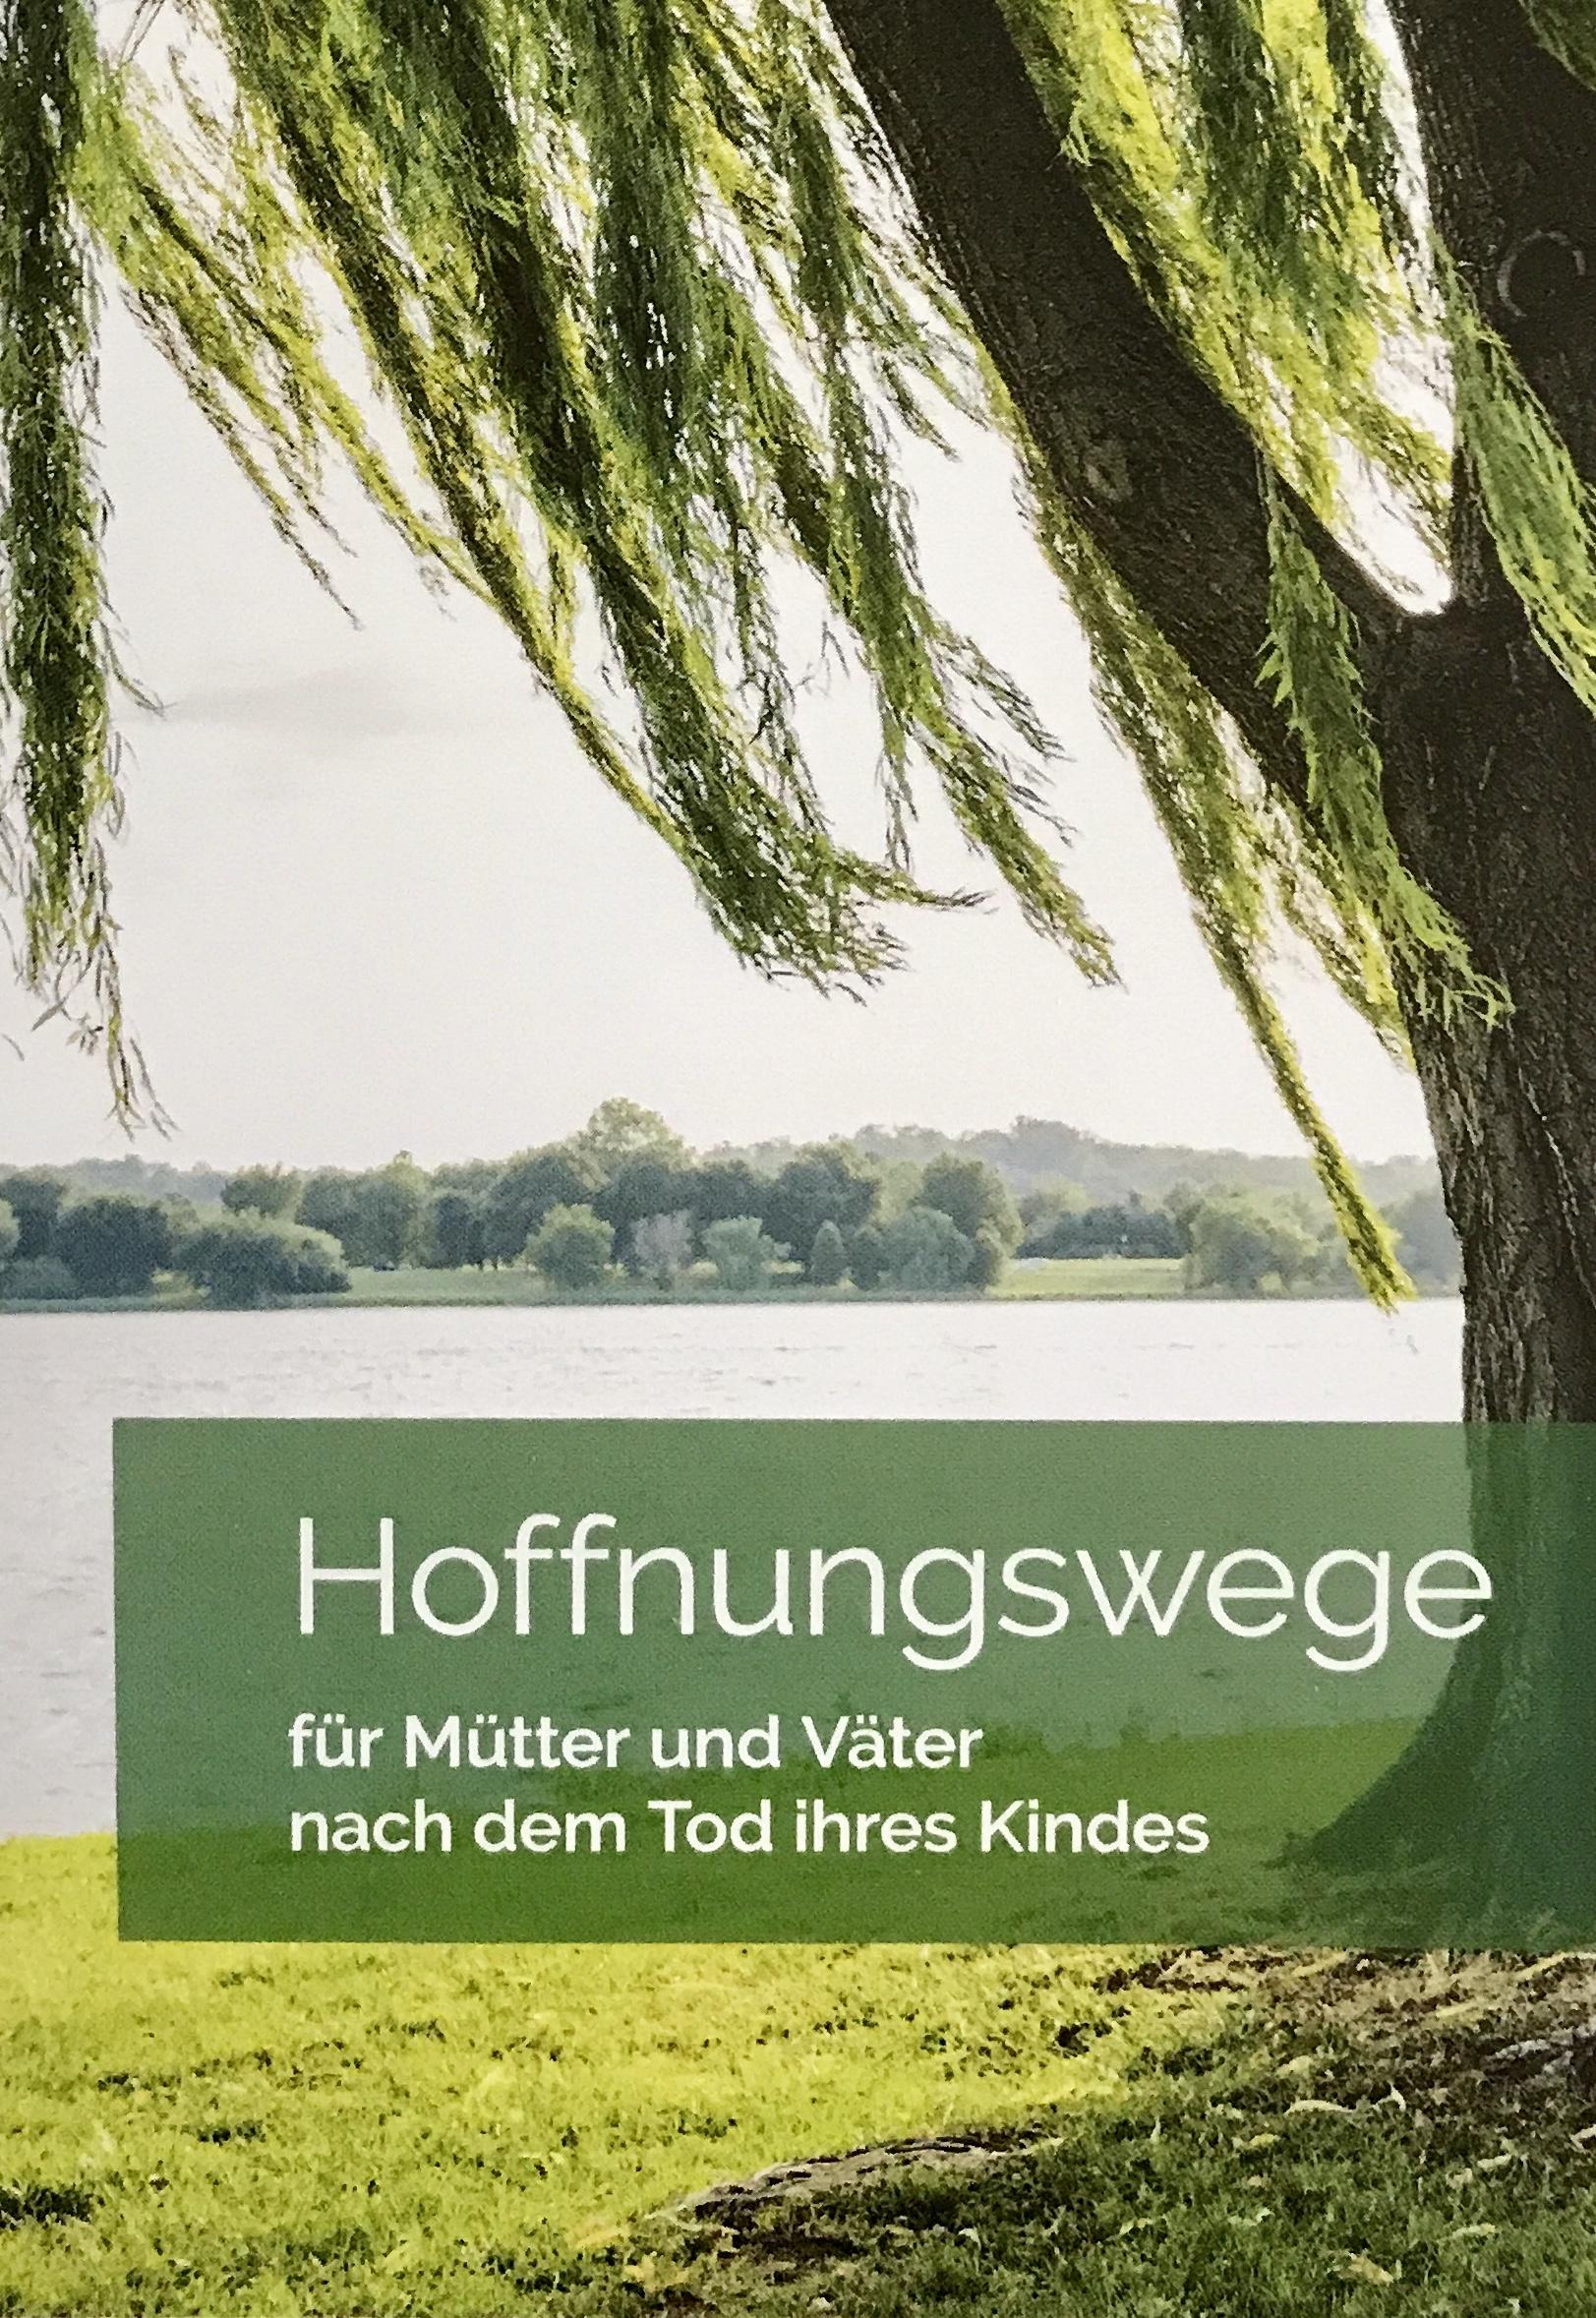 Hoffnungswege Düsseldorf – Für Mütter und Väter nach dem Tod ihres Kindes